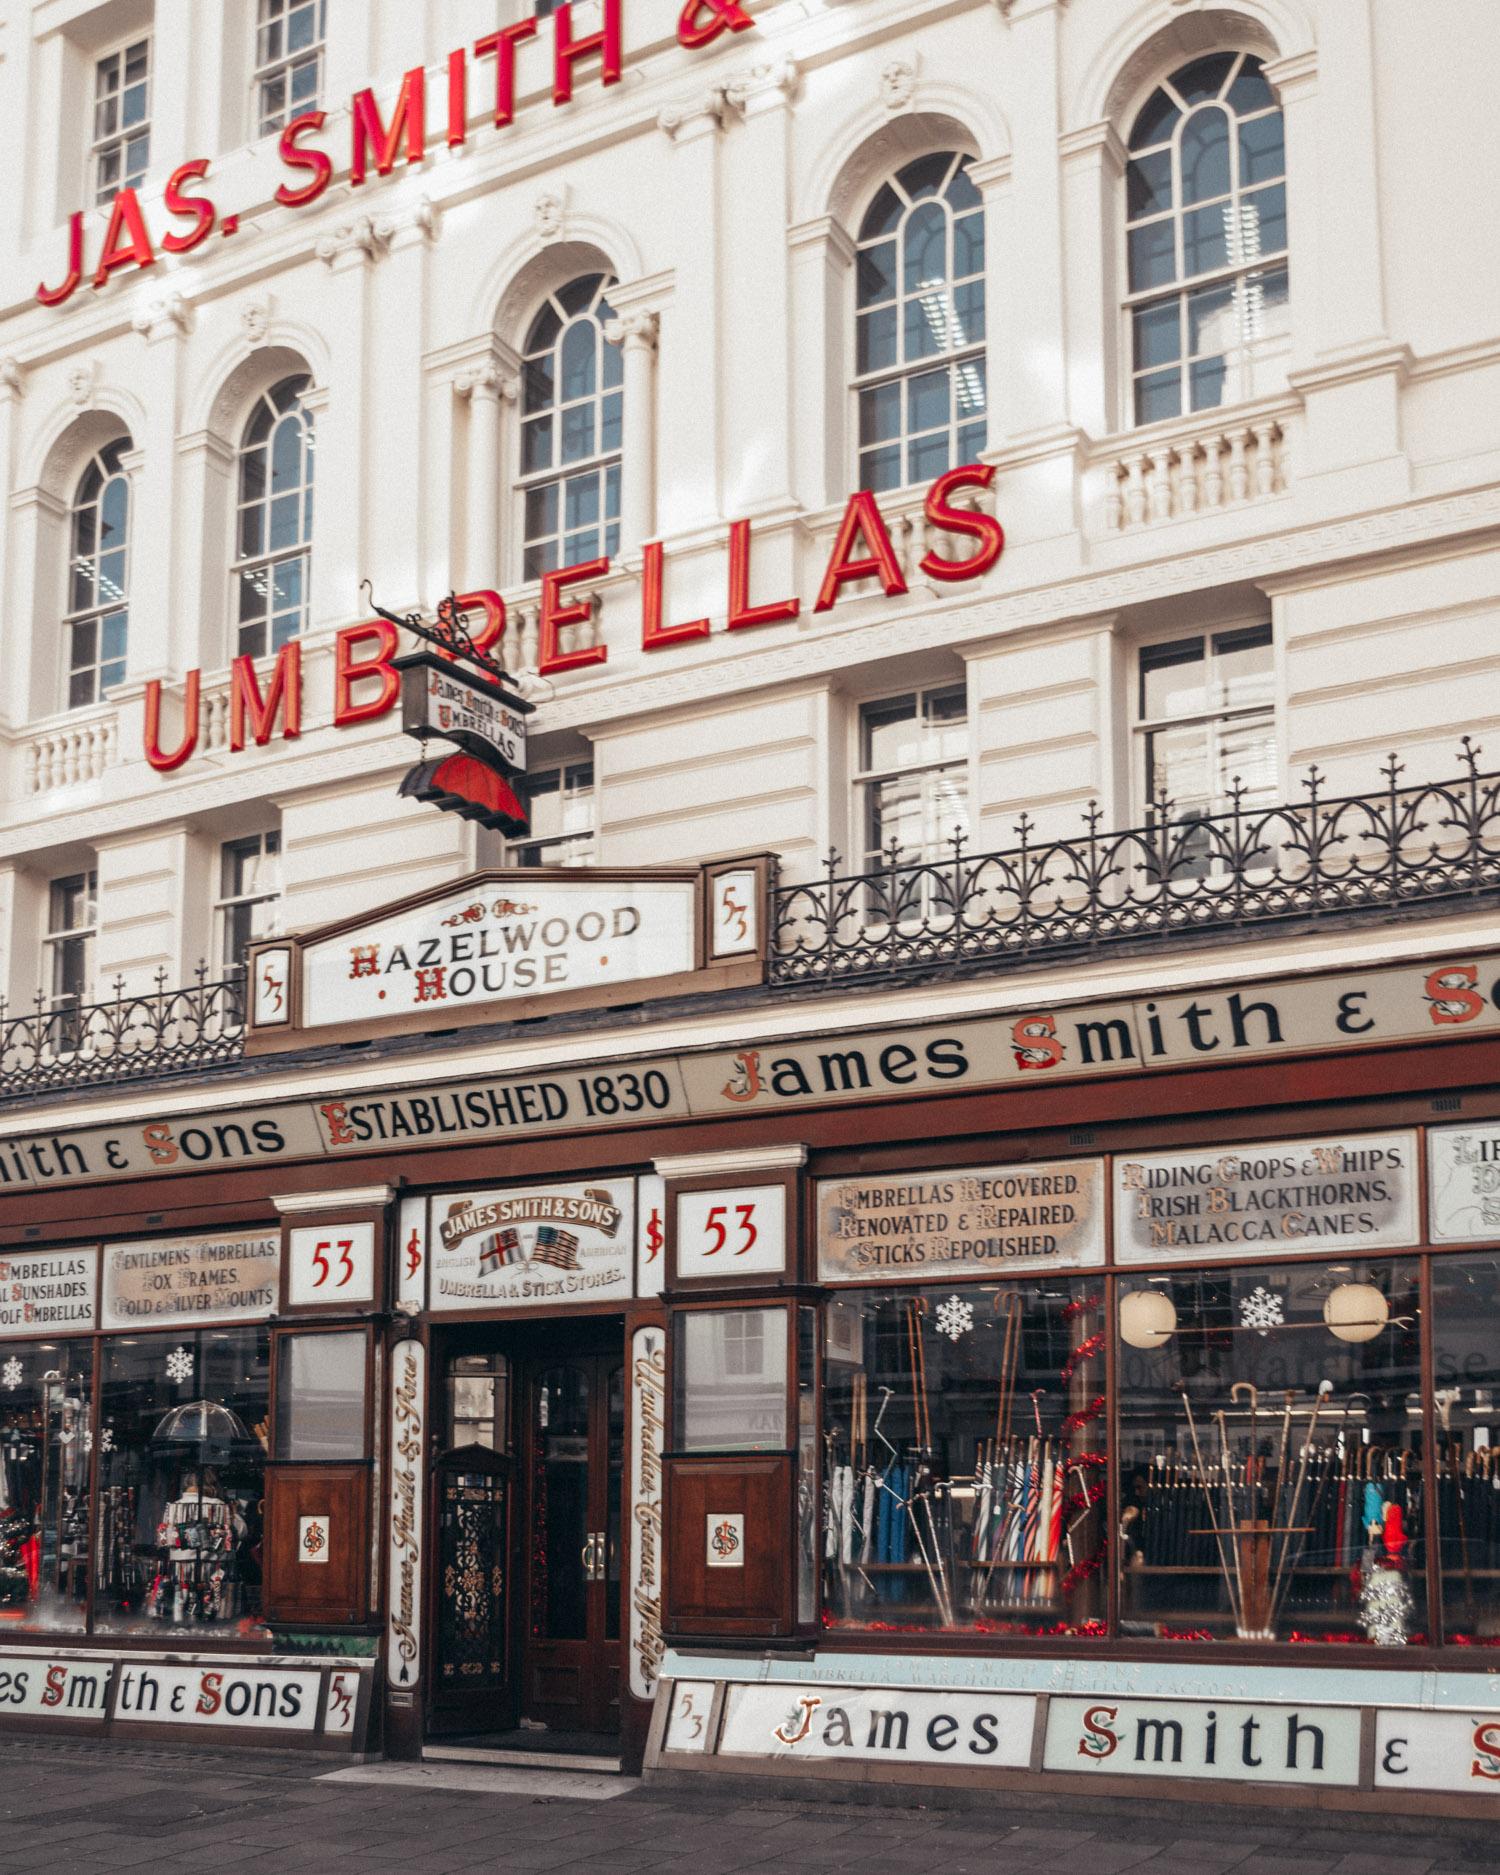 James Smith & Sons Umbrella Shop in London, England